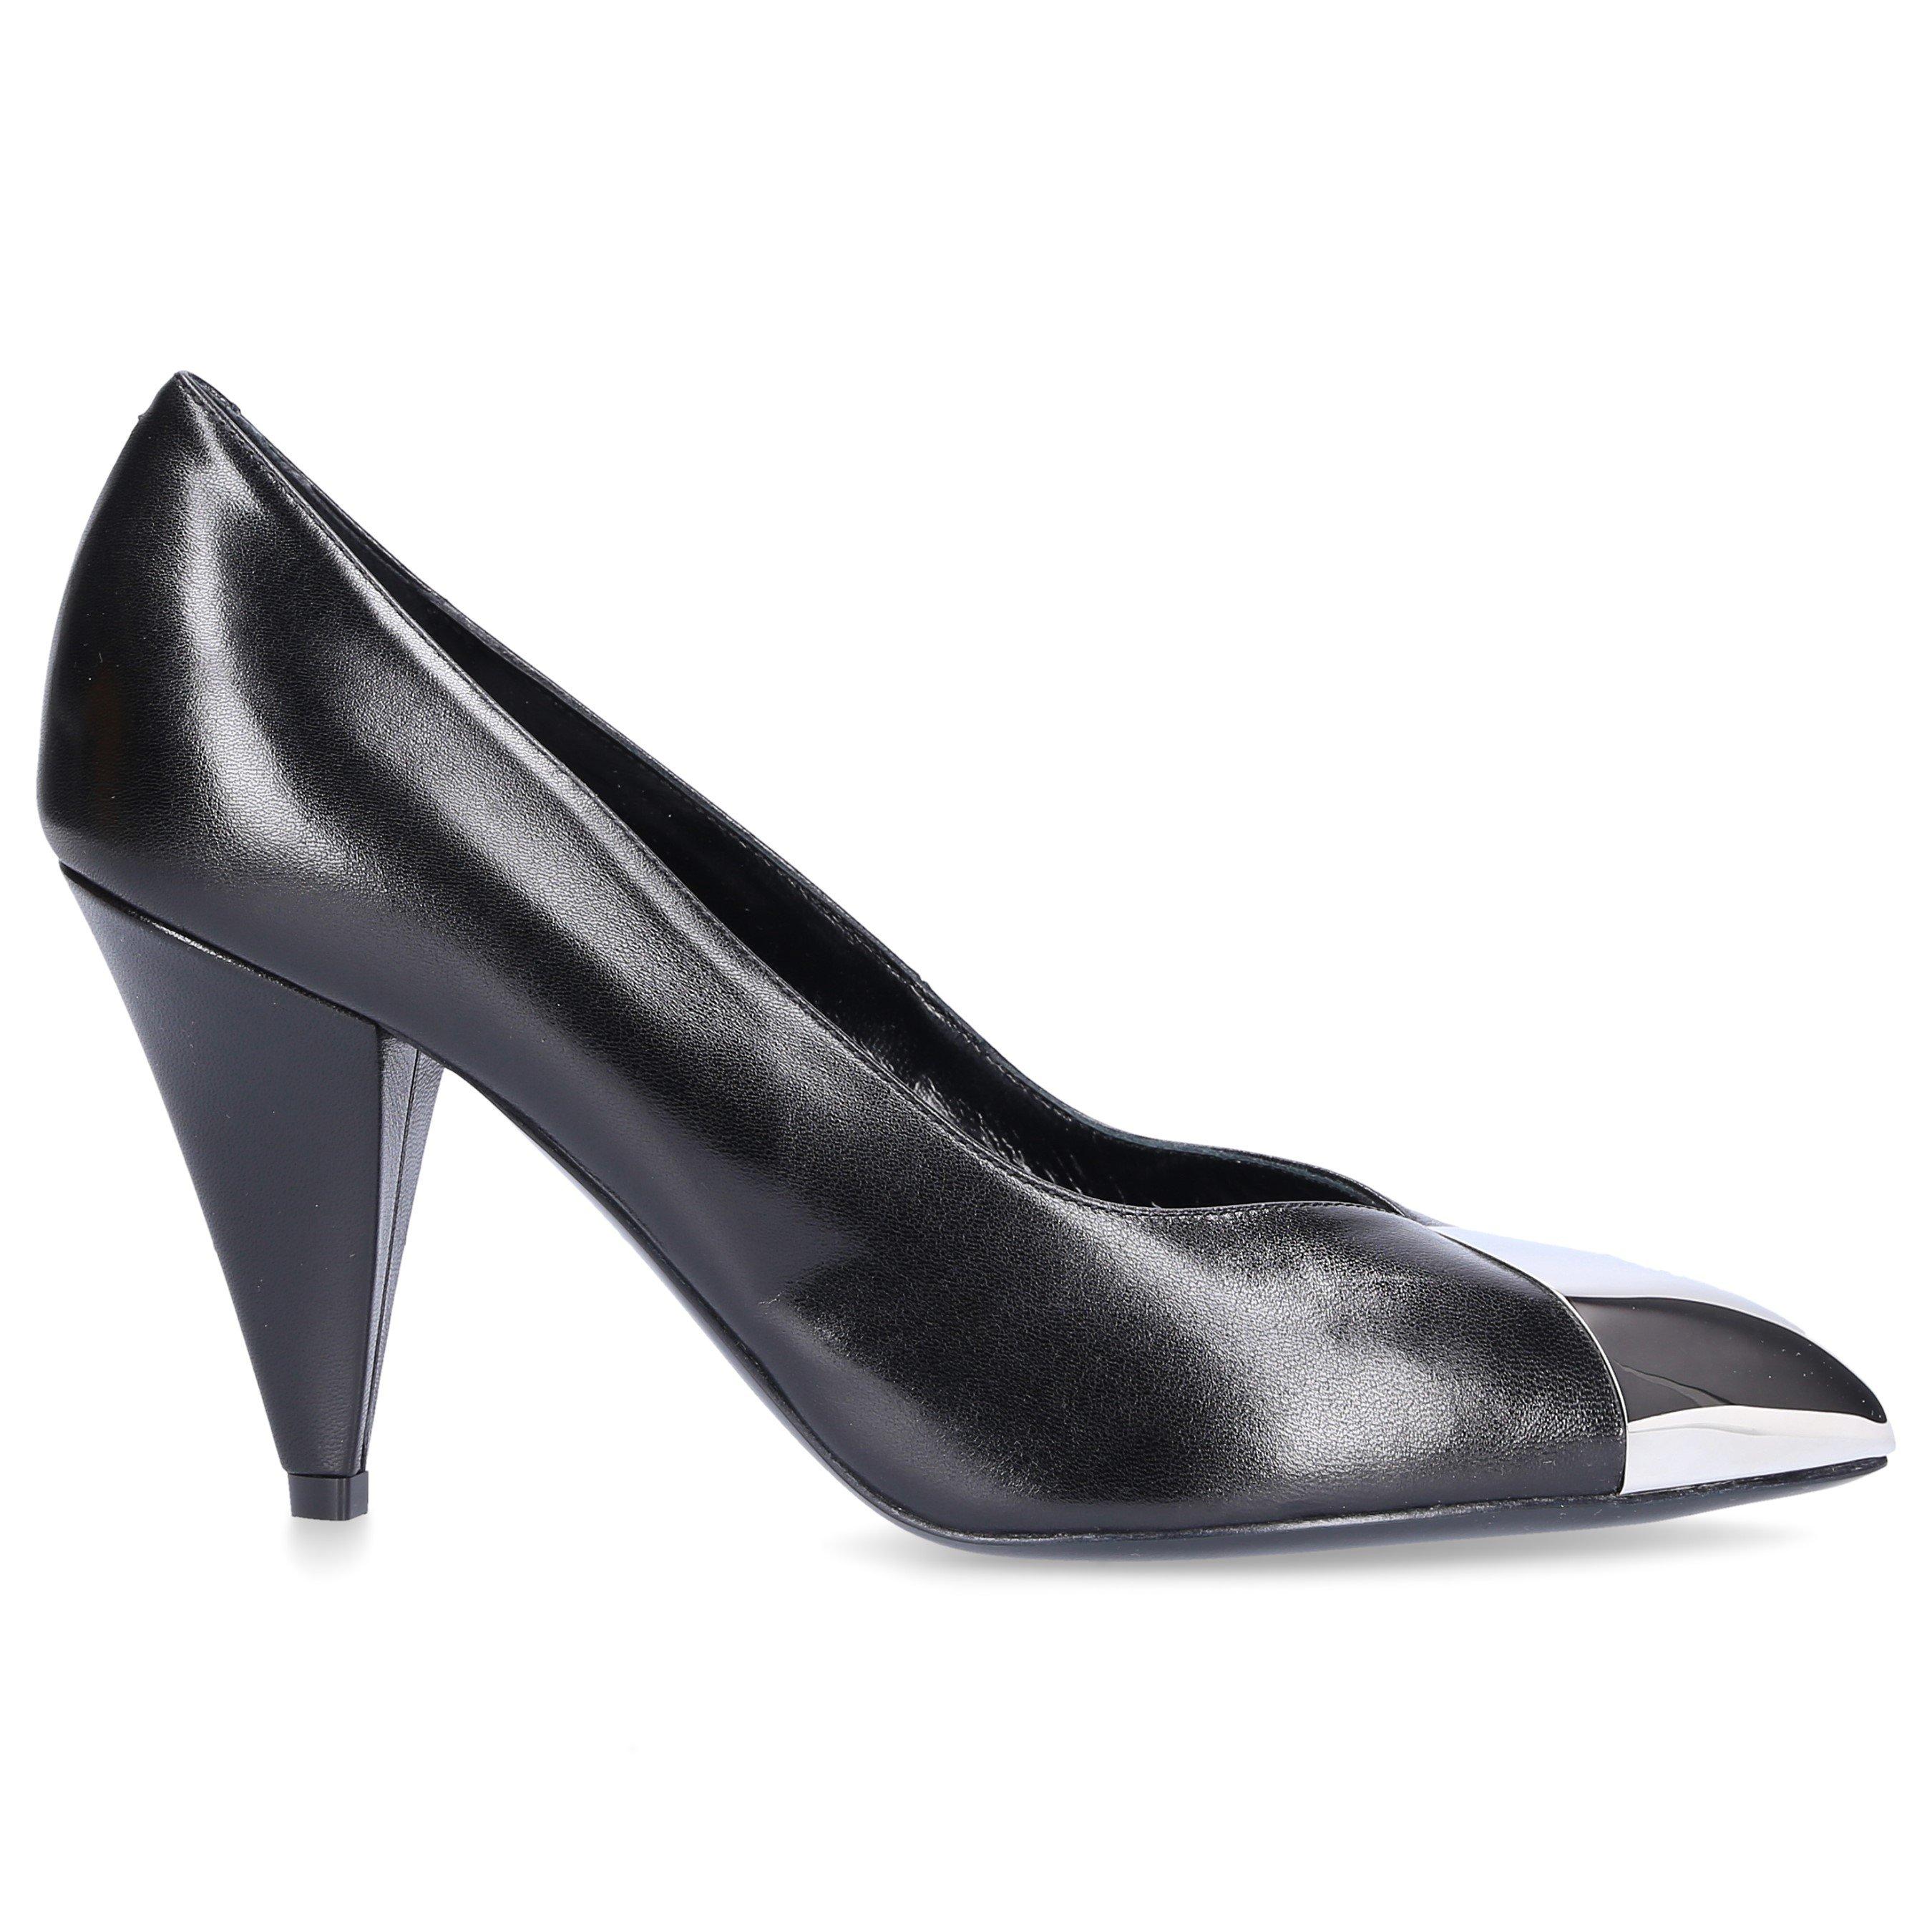 Celine Pumps Edwige In Black